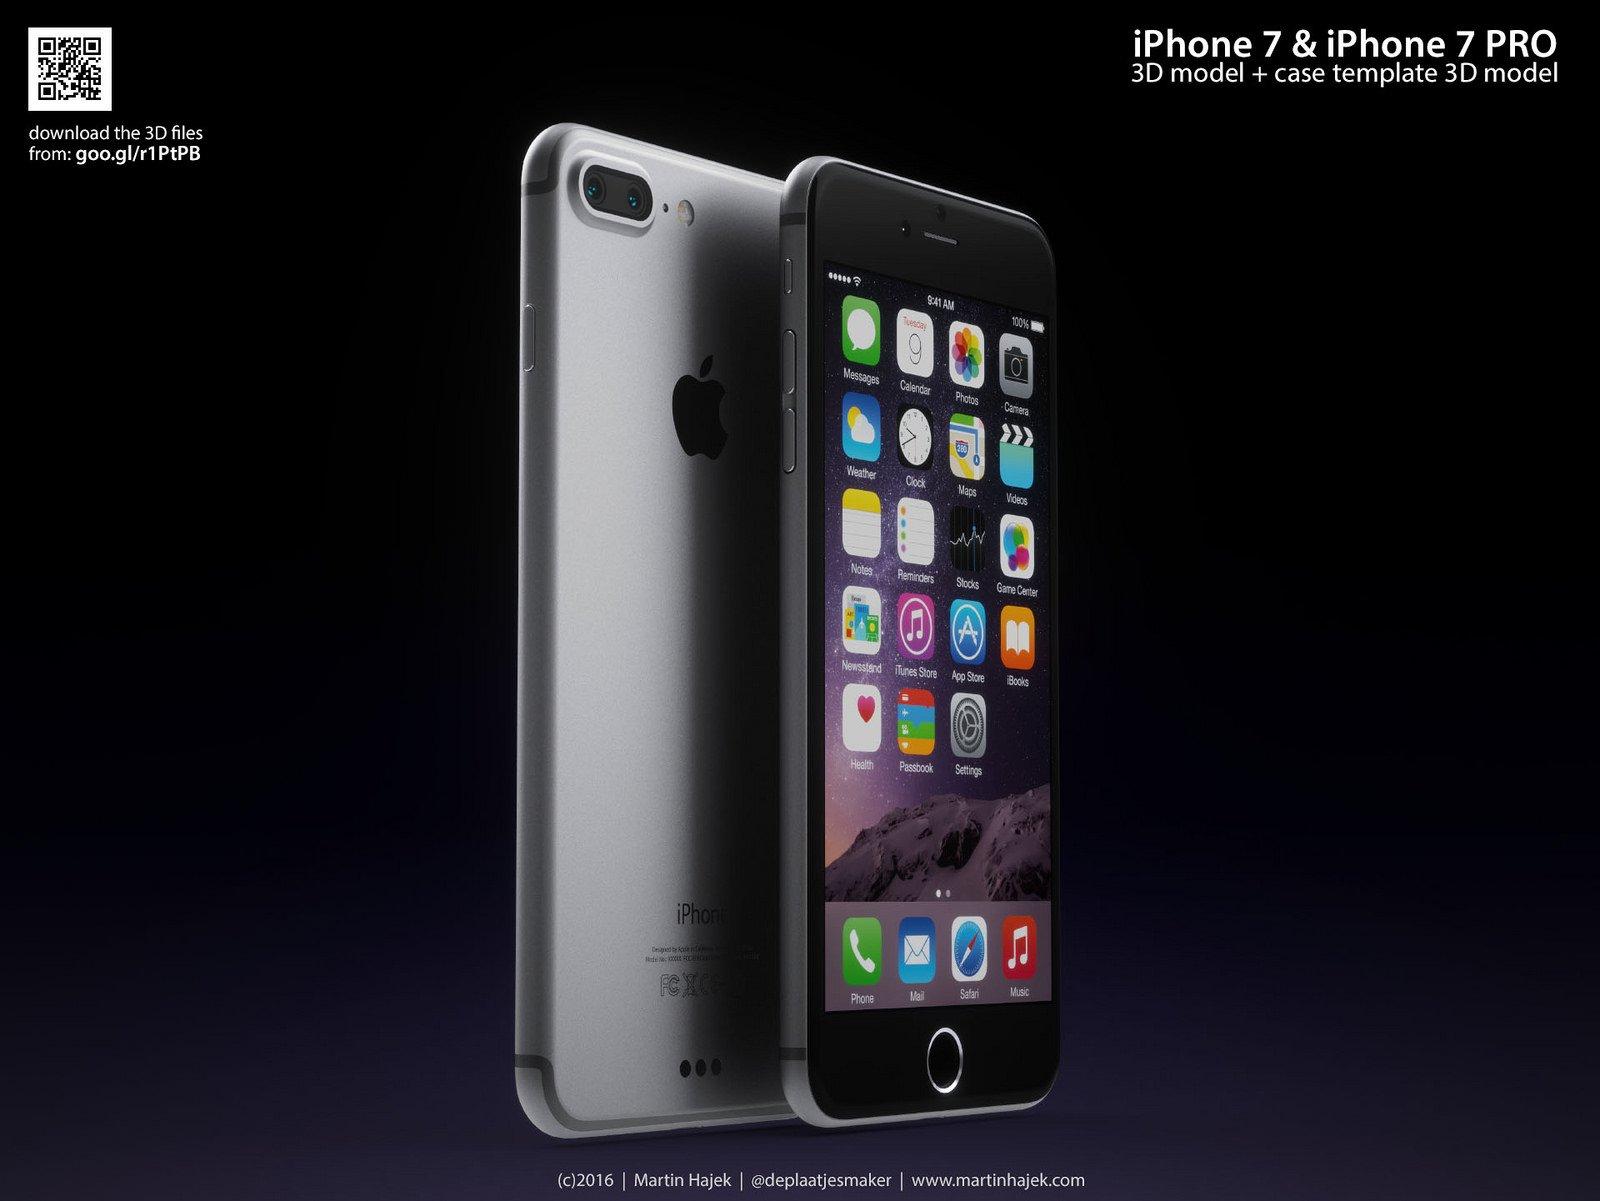 iPhone 7 Plus/Pro